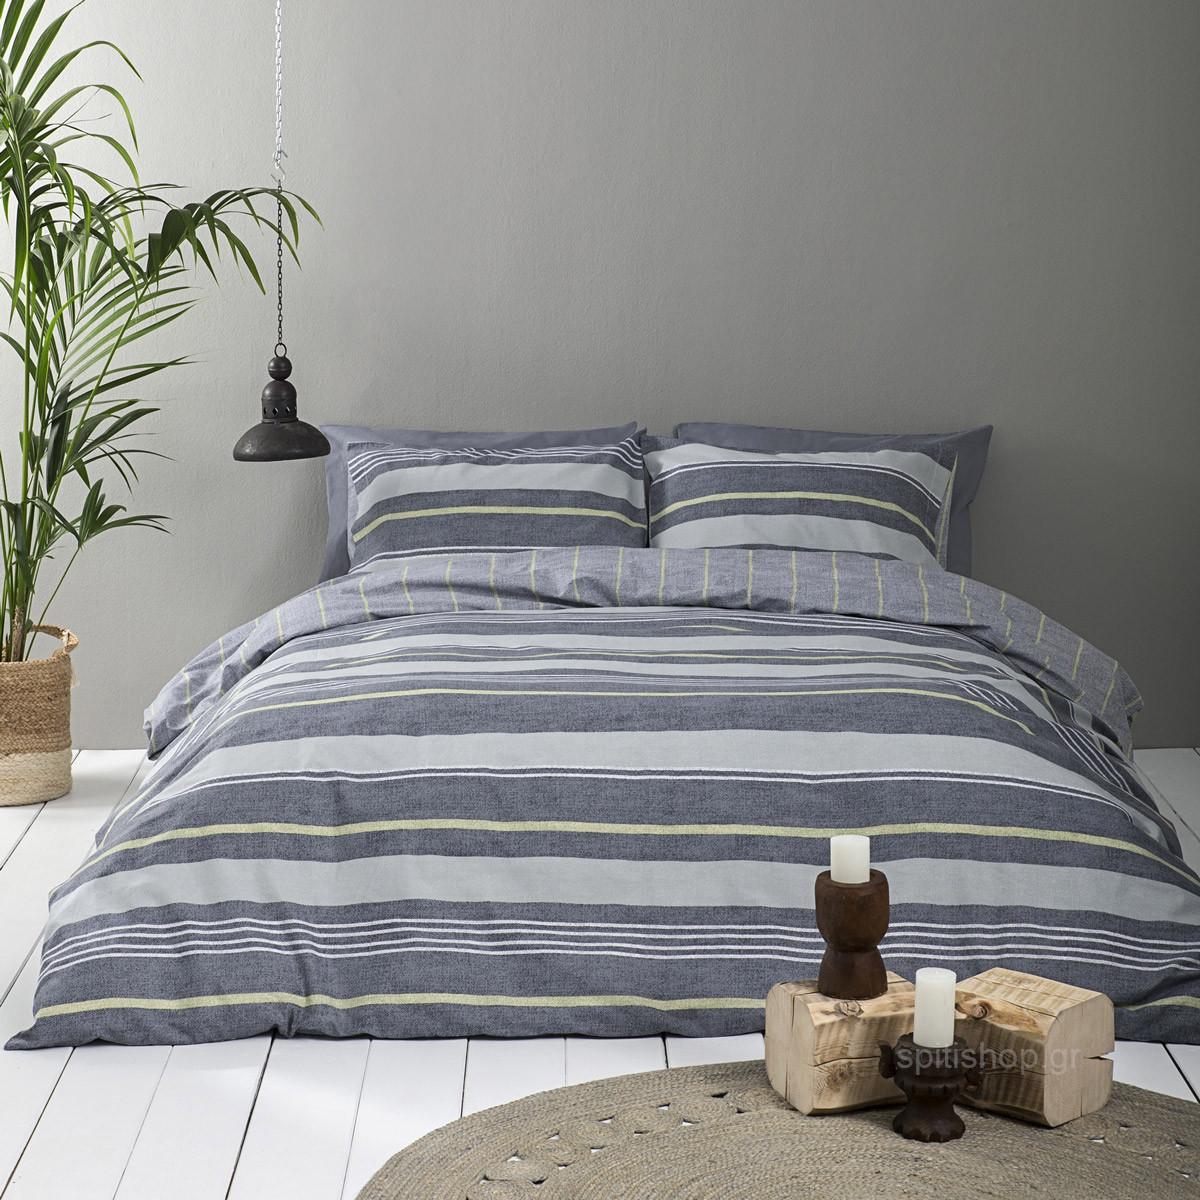 Παπλωματοθήκη Μονή (Σετ) Nima Bed Linen Stripped Green